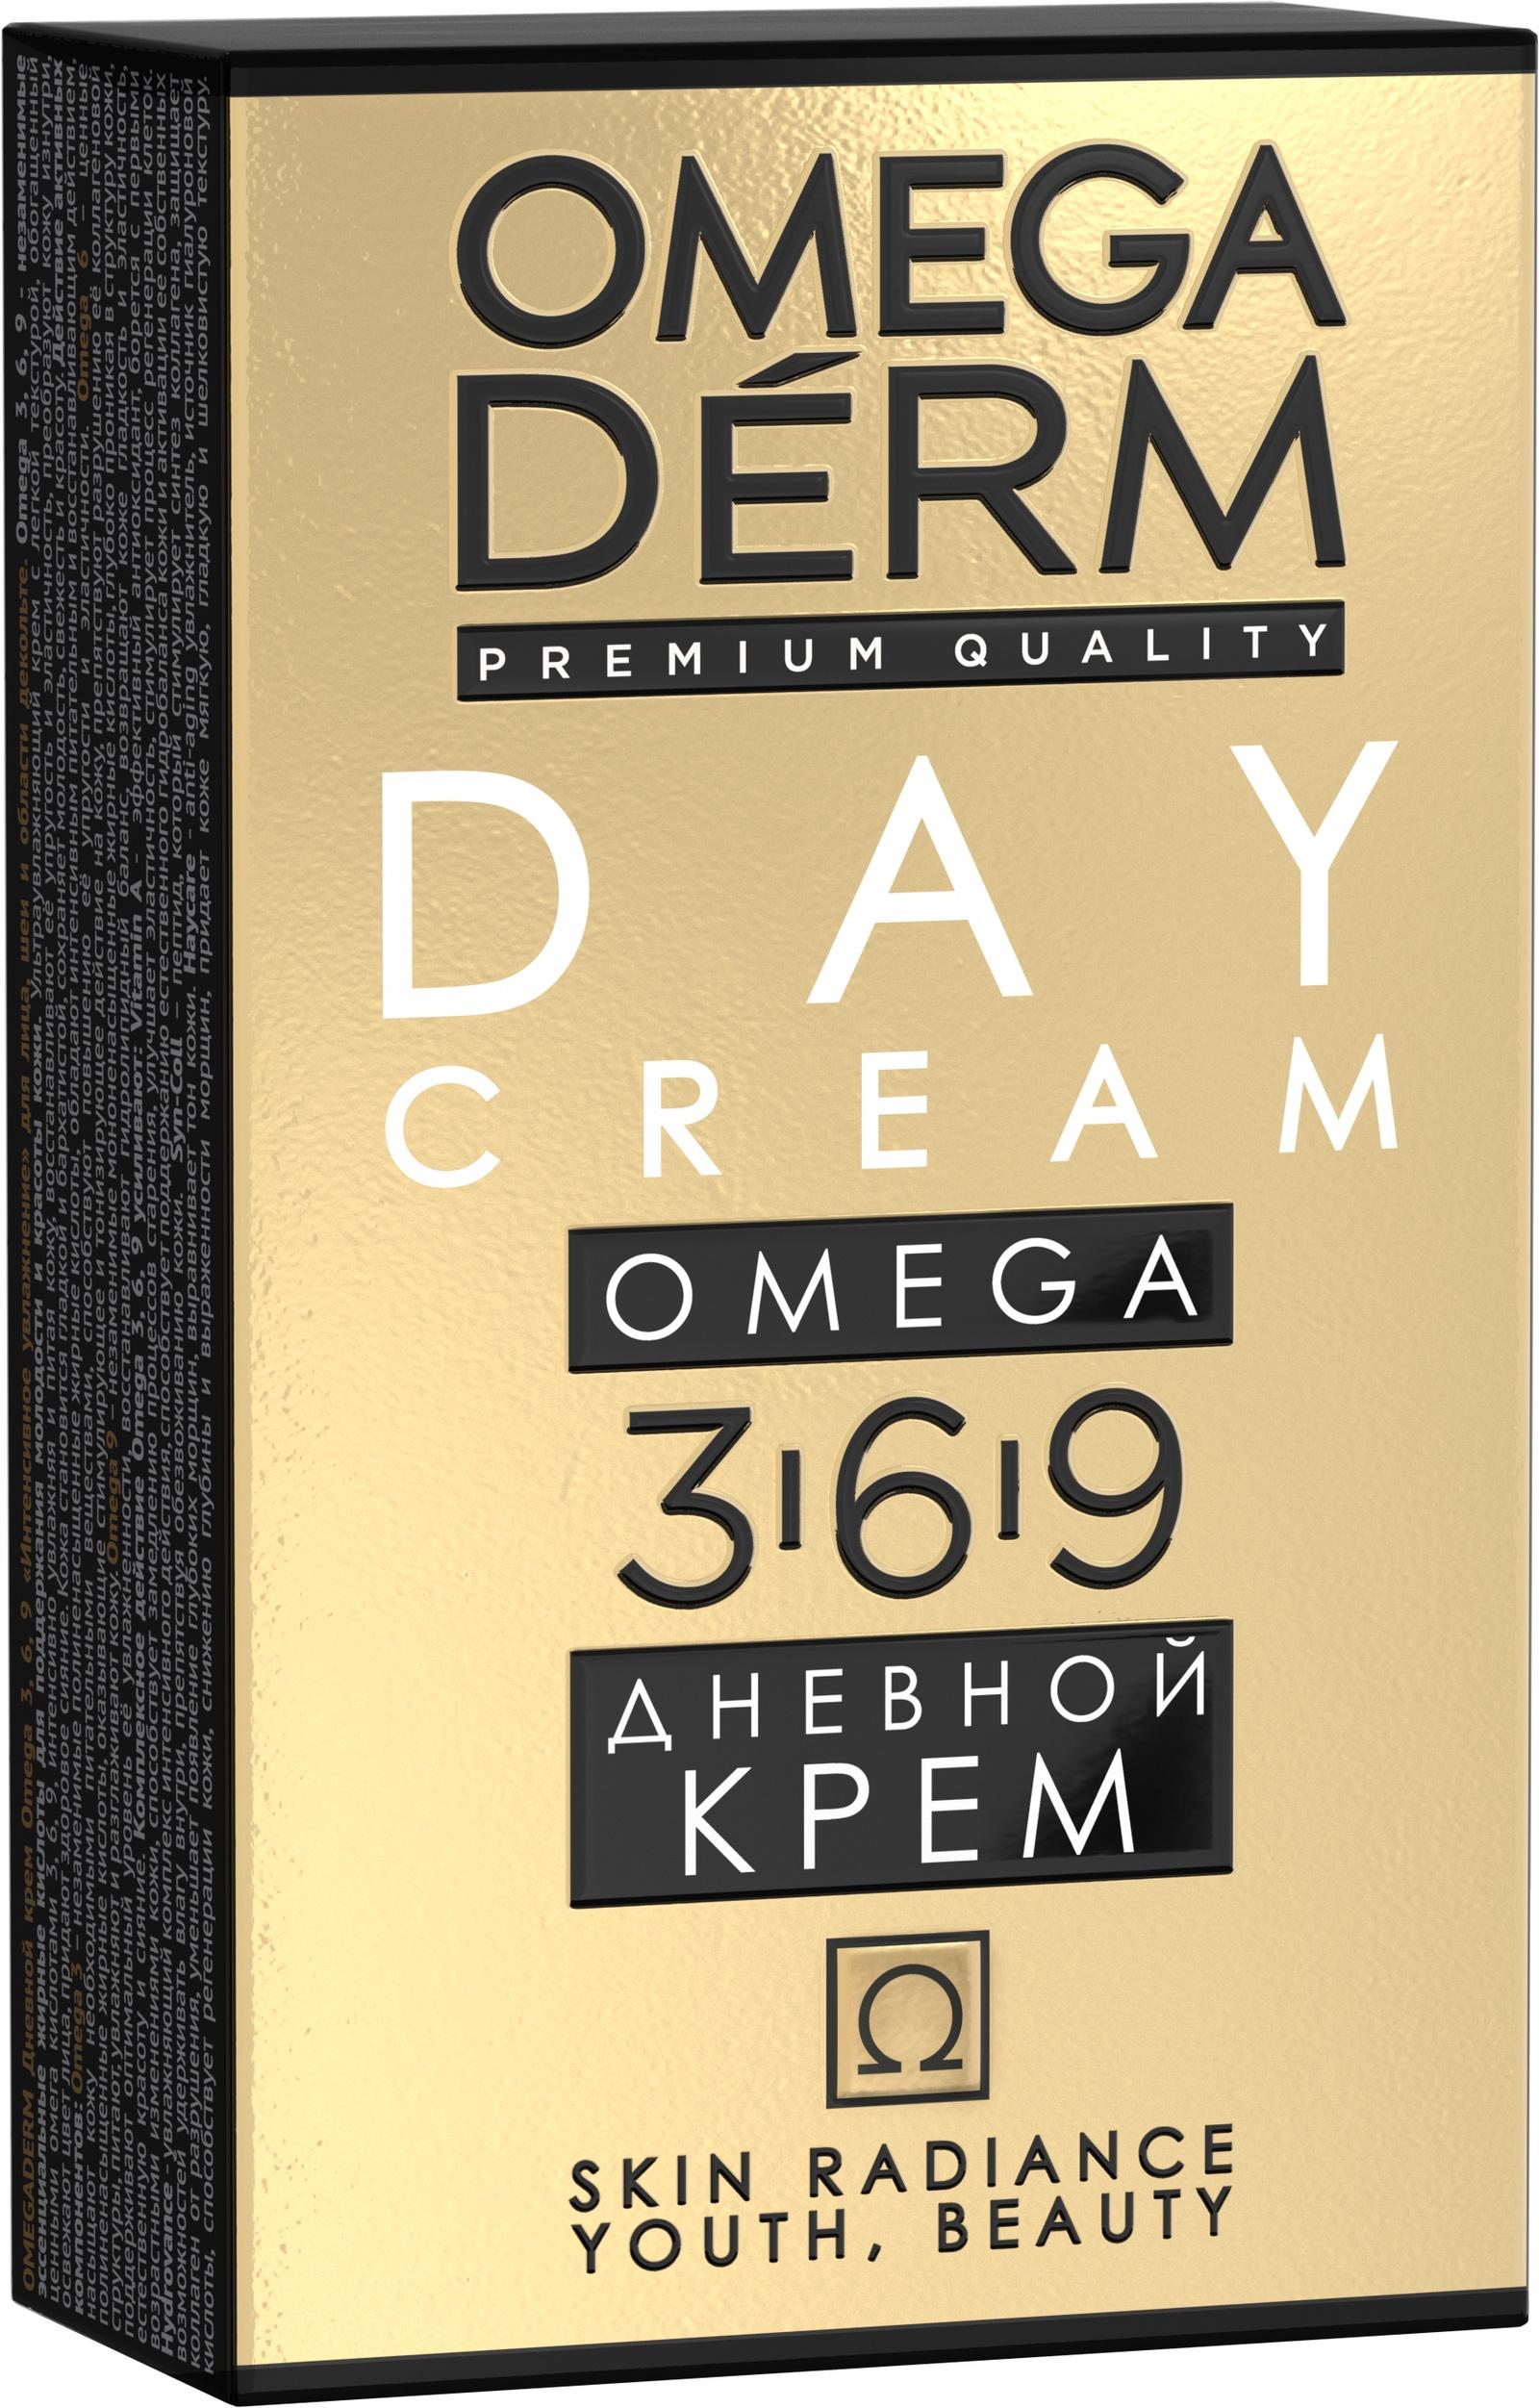 Крем для ухода за кожей OMEGADERM увлажняющий дневной крем для лица с омега-кислотами Omega 3-6-9, 50 мл OMEGADERM